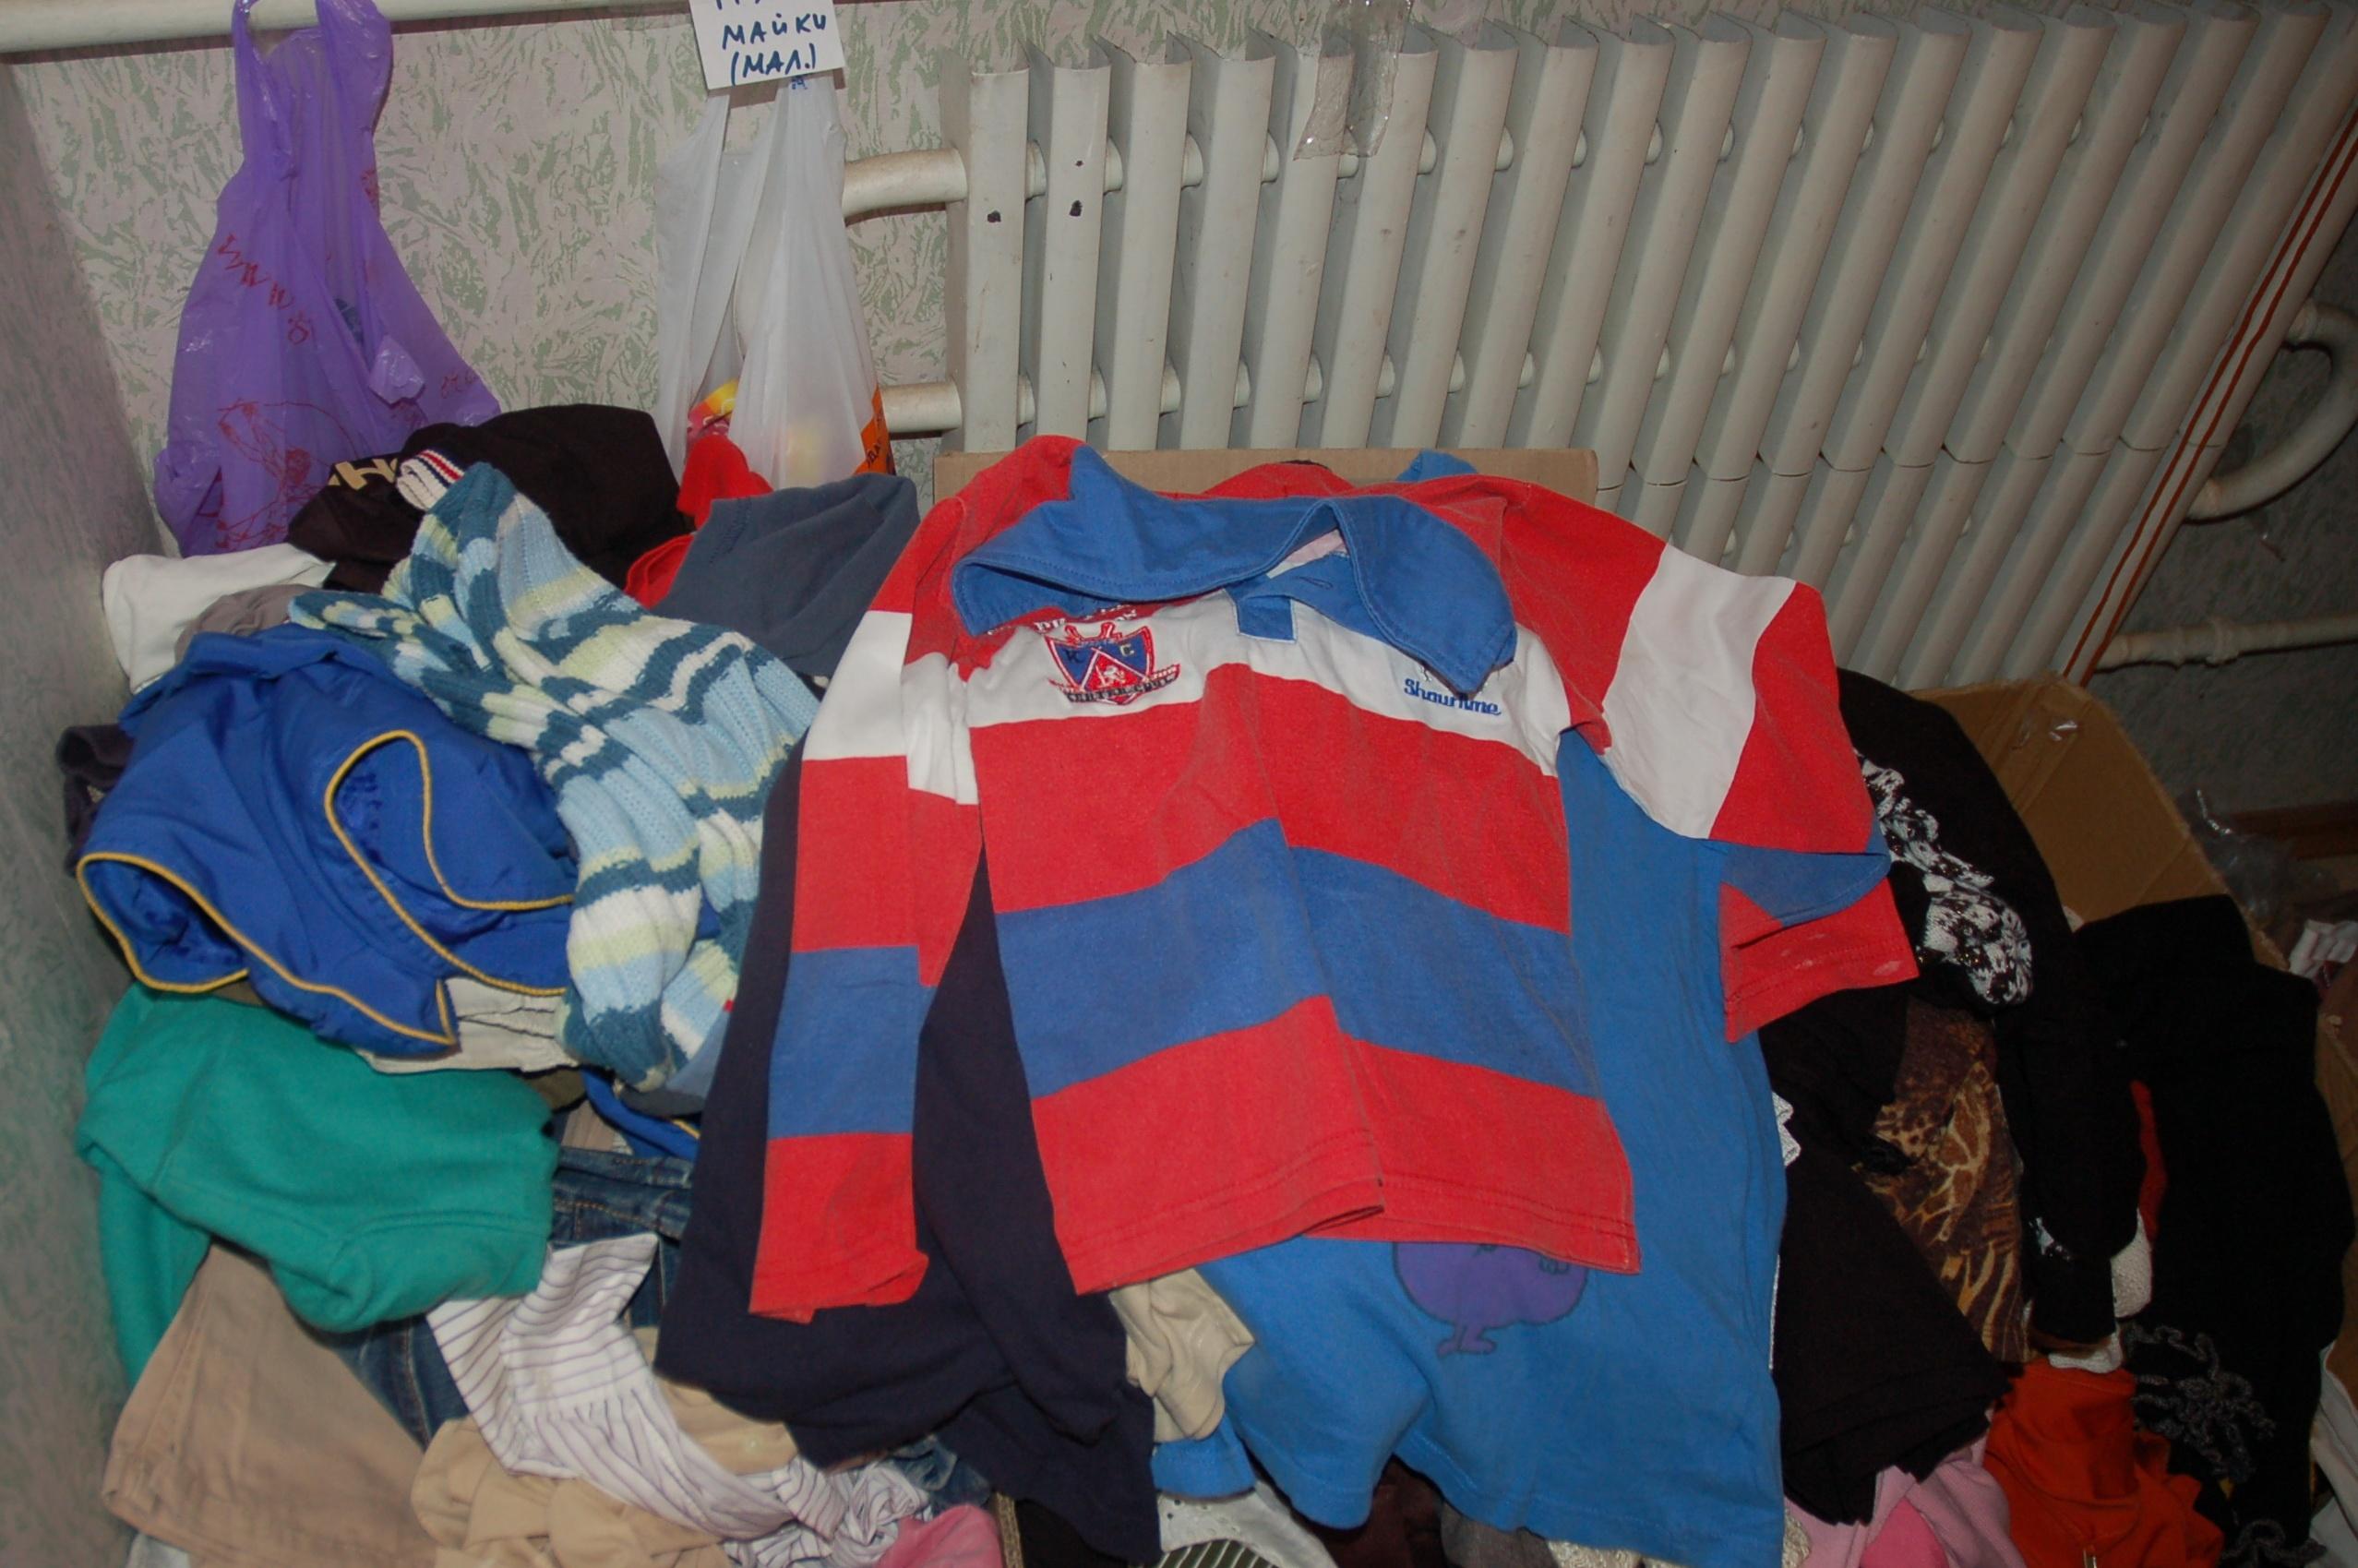 Одежду для переселенцев передают люди. Иногда, жалуются волонтеры, что-то приходится даже выбрасывать, на столько вещь старая и рваная